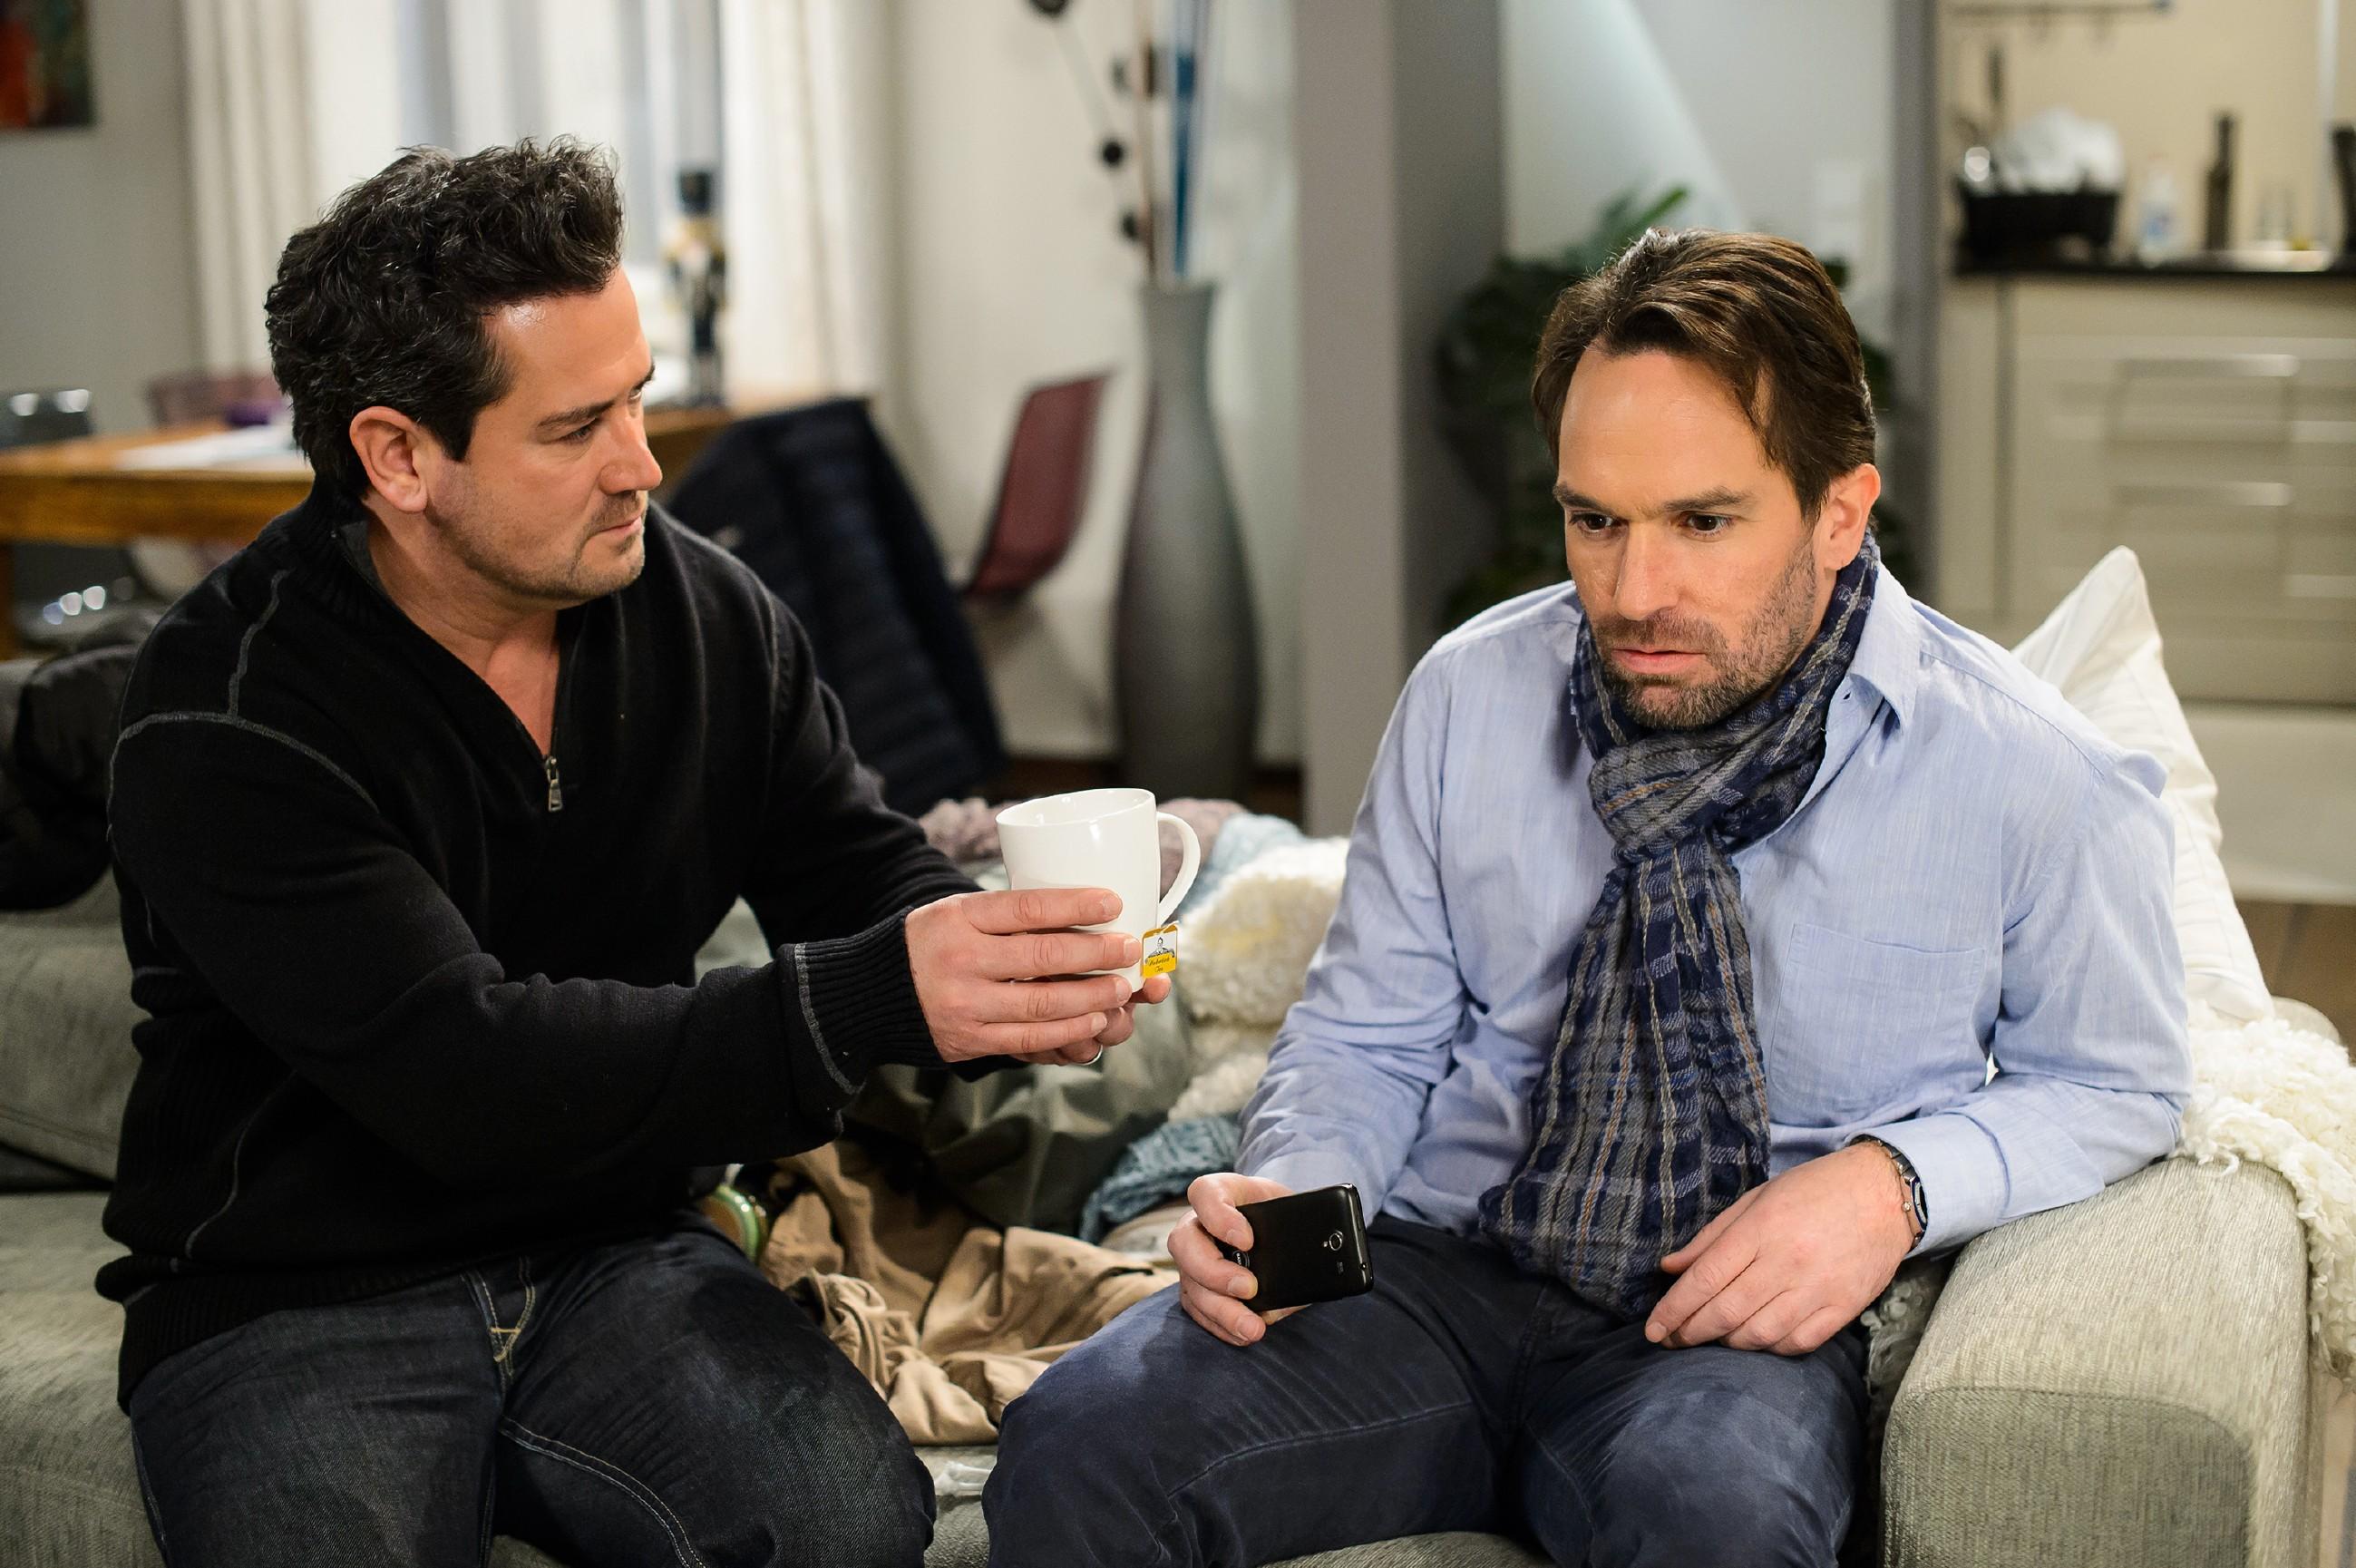 Als Thomas (Daniel Brockhaus, r.) sich verzweifelt fragt, ob sein Sohn tot ist, weist Marian (Sam Eisenstein) diese Vermutung entschieden zurück.(Quelle: RTL / Willi Weber)